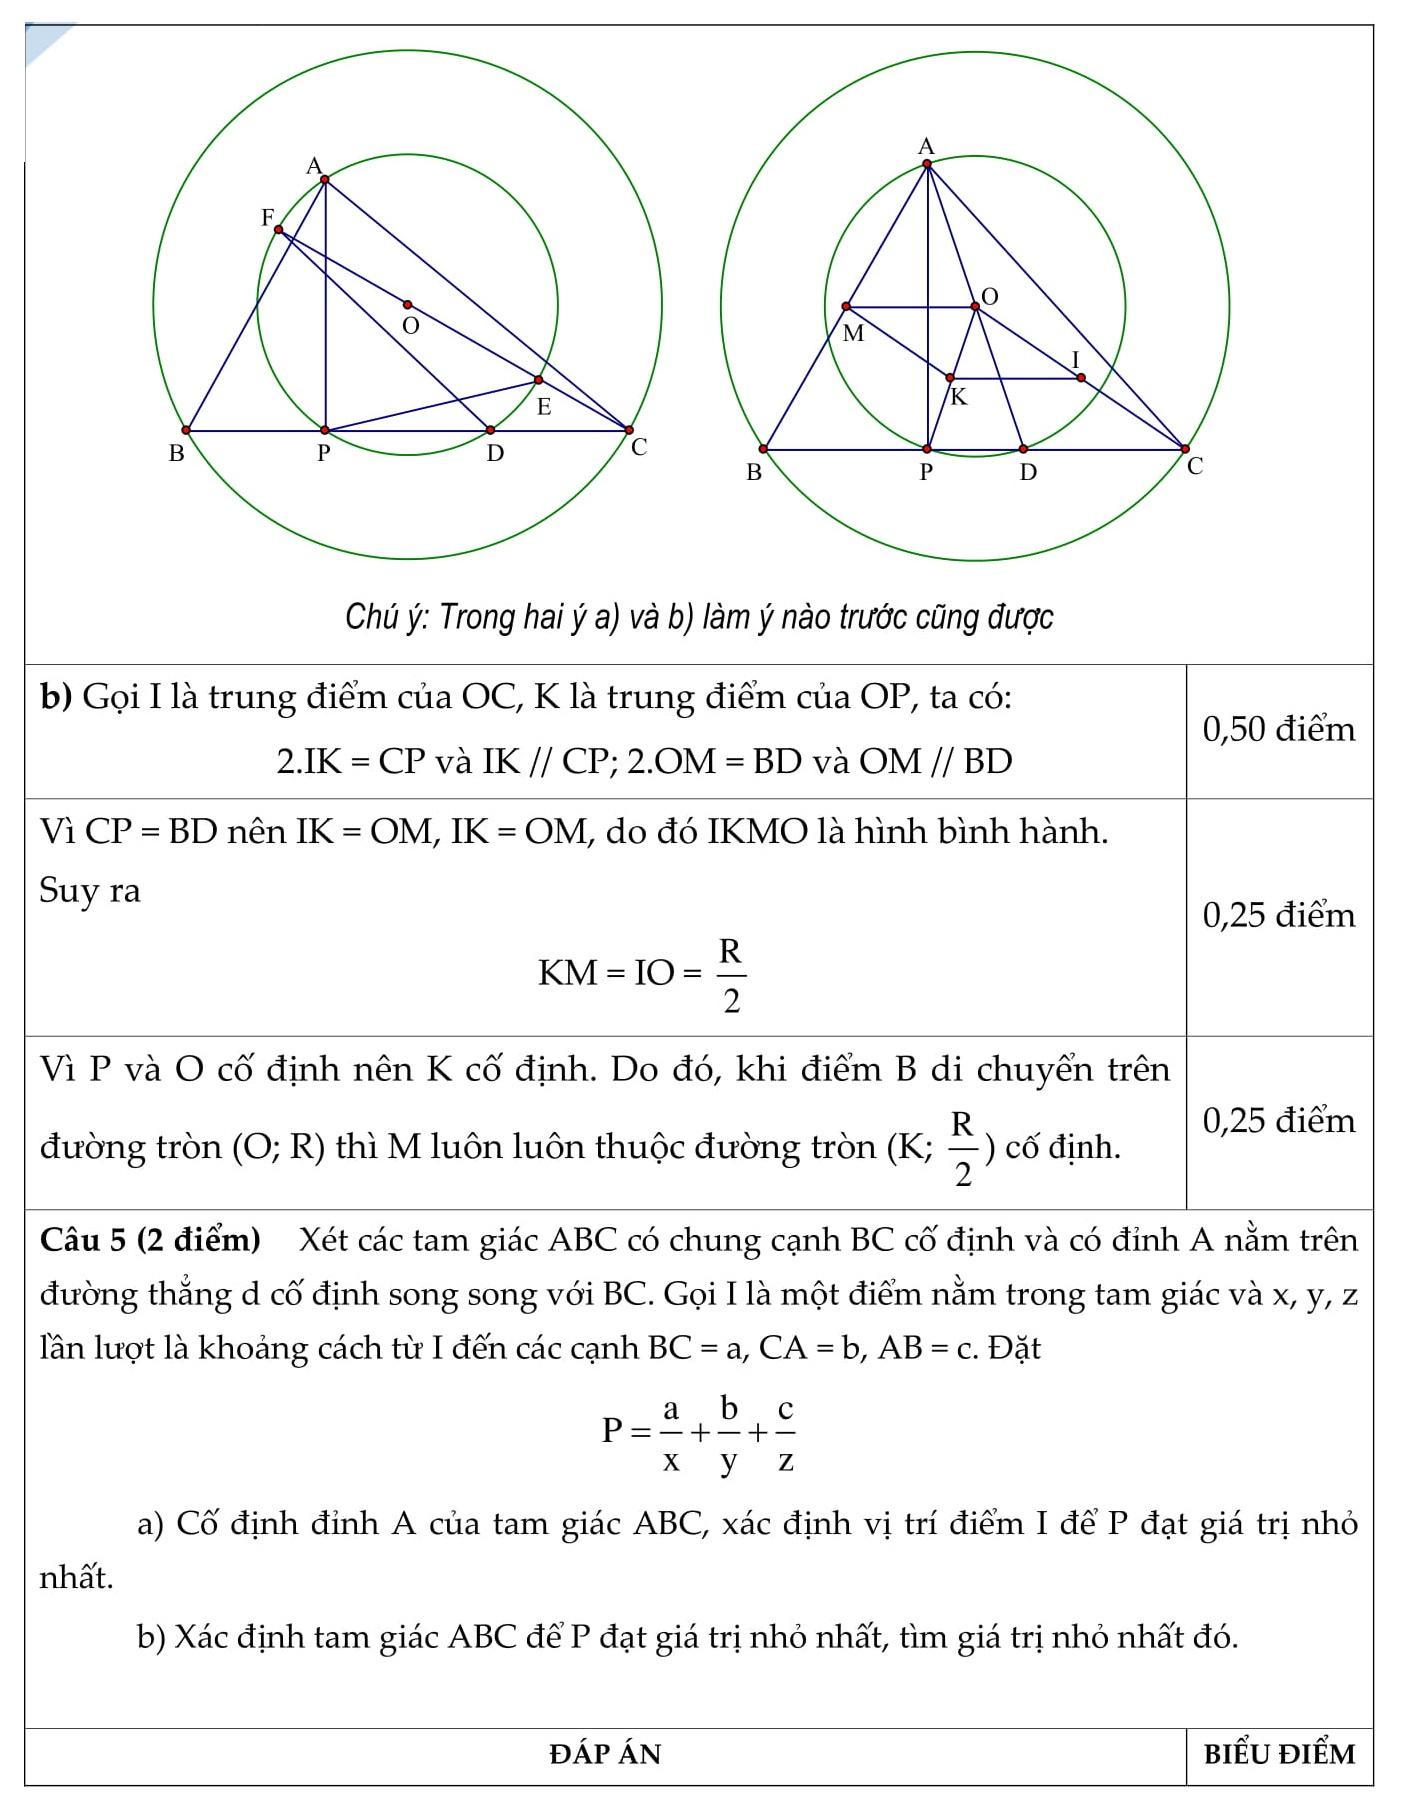 Tổng hợp đề thi HSG toán 9 tỉnh Phú Thọ qua các năm